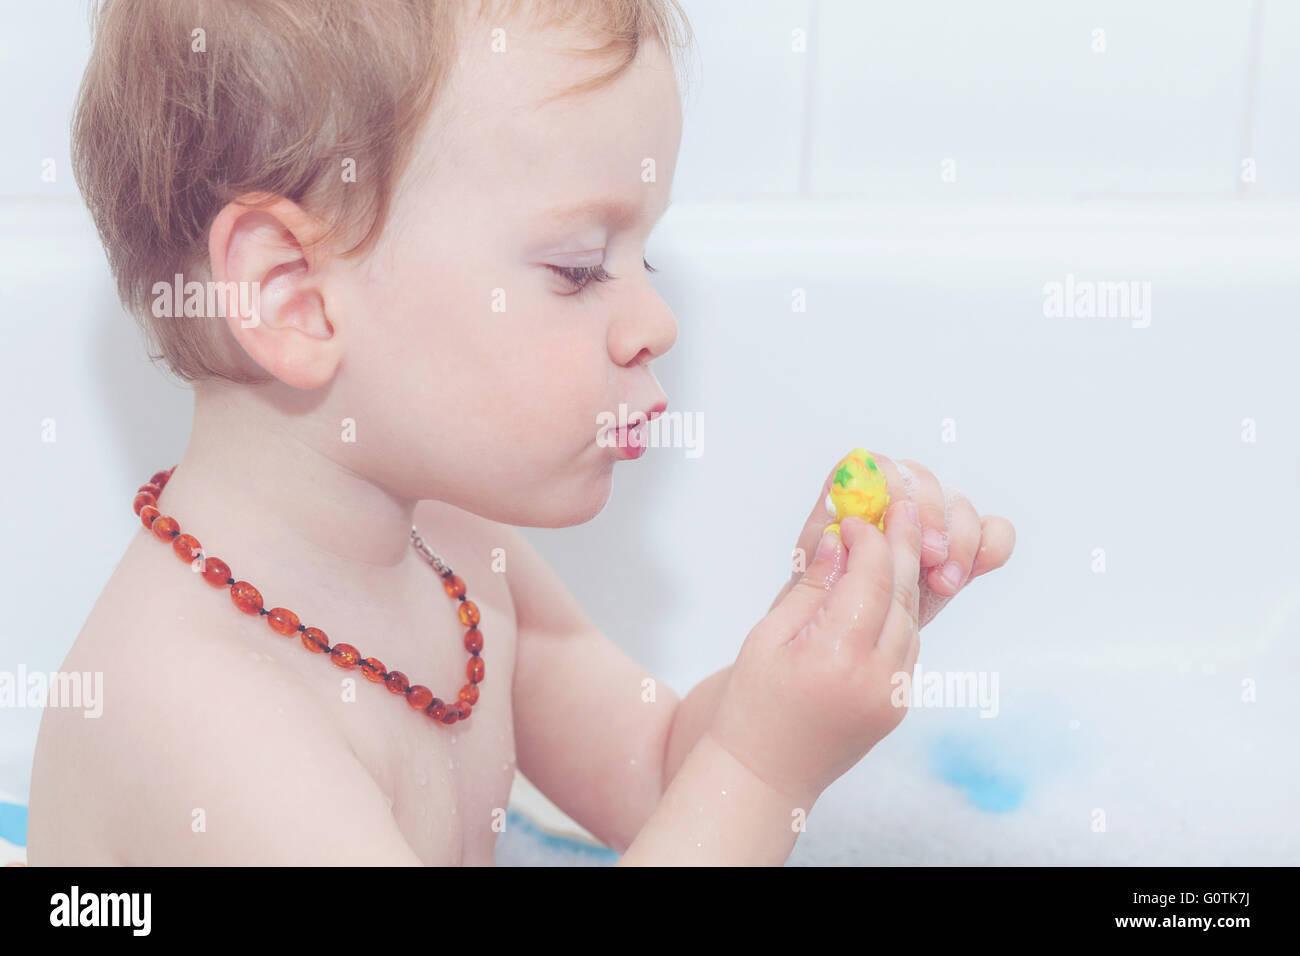 Retrato de un niño jugando con el juguete de plástico en el baño. Imagen De Stock